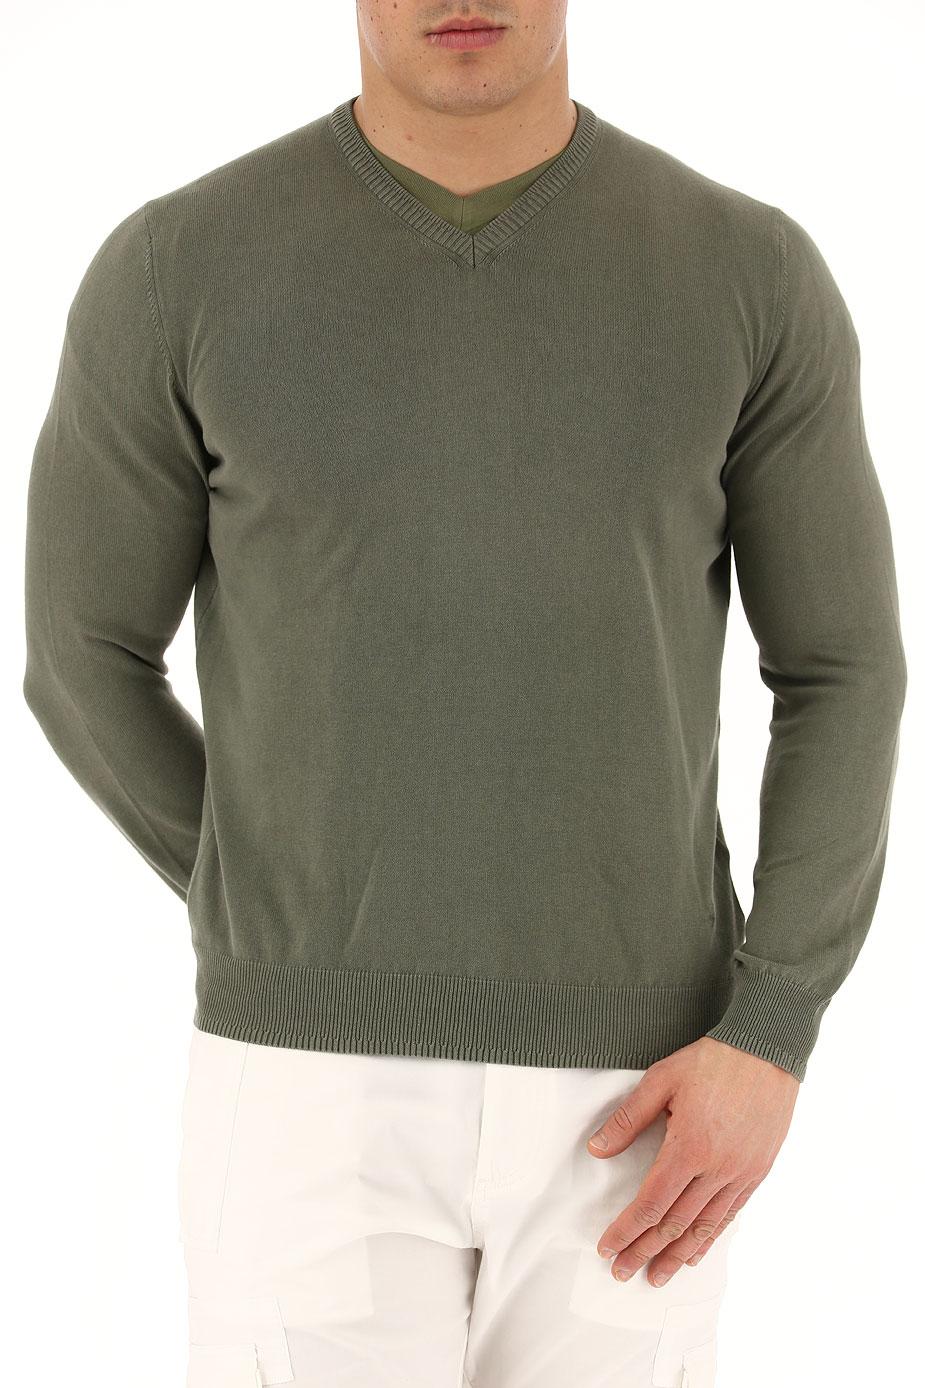 nmmc134170tevpv612 Abbigliamento Uomo Codice Abbigliamento Fay Articolo Uomo qBrq1wY